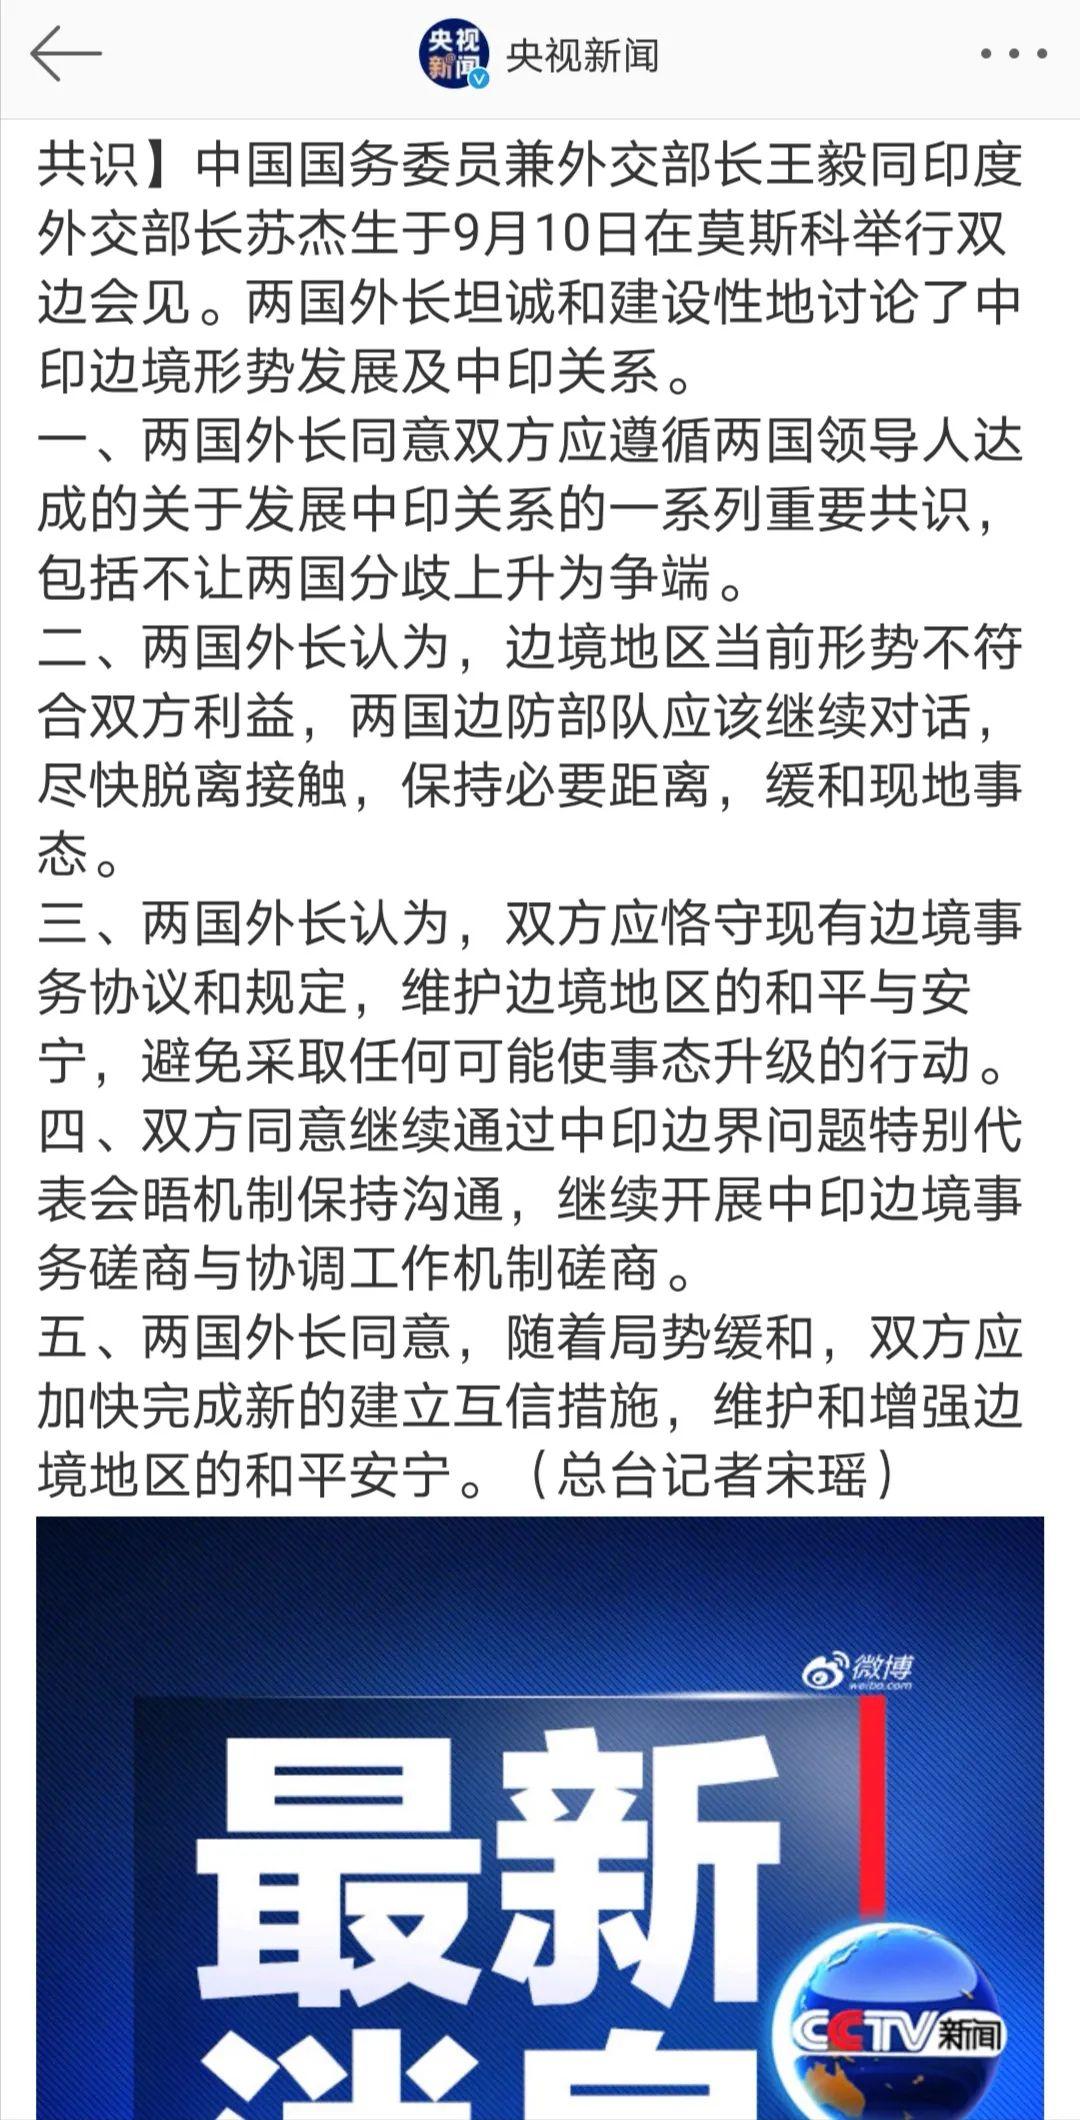 突发!印度对中国公民实施更严格签证规定,黎巴嫩贝鲁特港再次发生大火!鸿蒙2.0霸气亮相